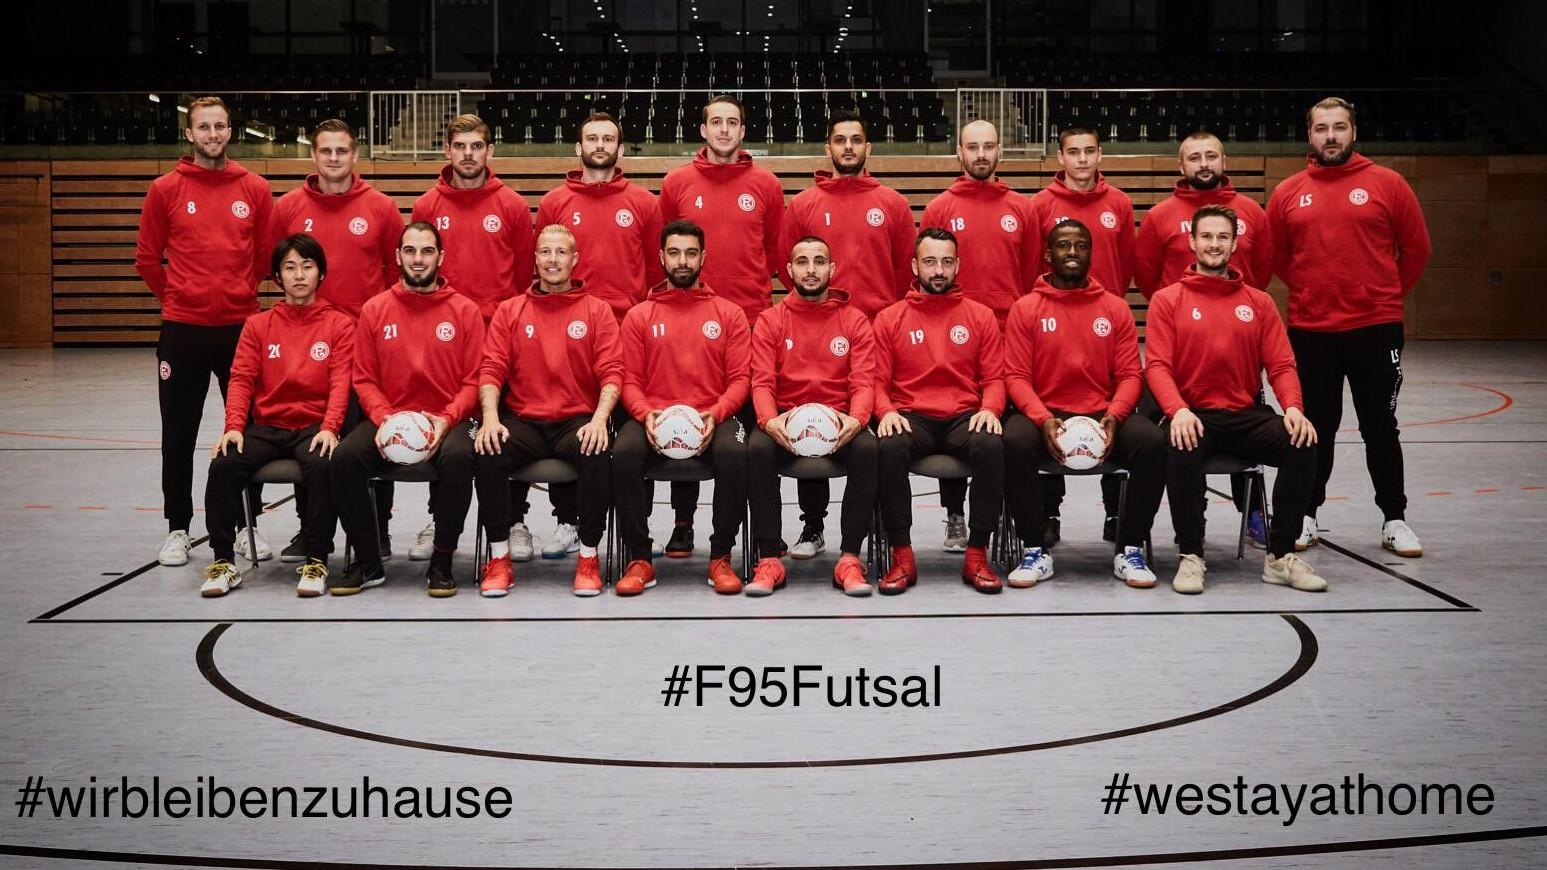 Spiel- Und Trainingsbetrieb Der Fortuna Futsal Teams Ruht Weiterhin